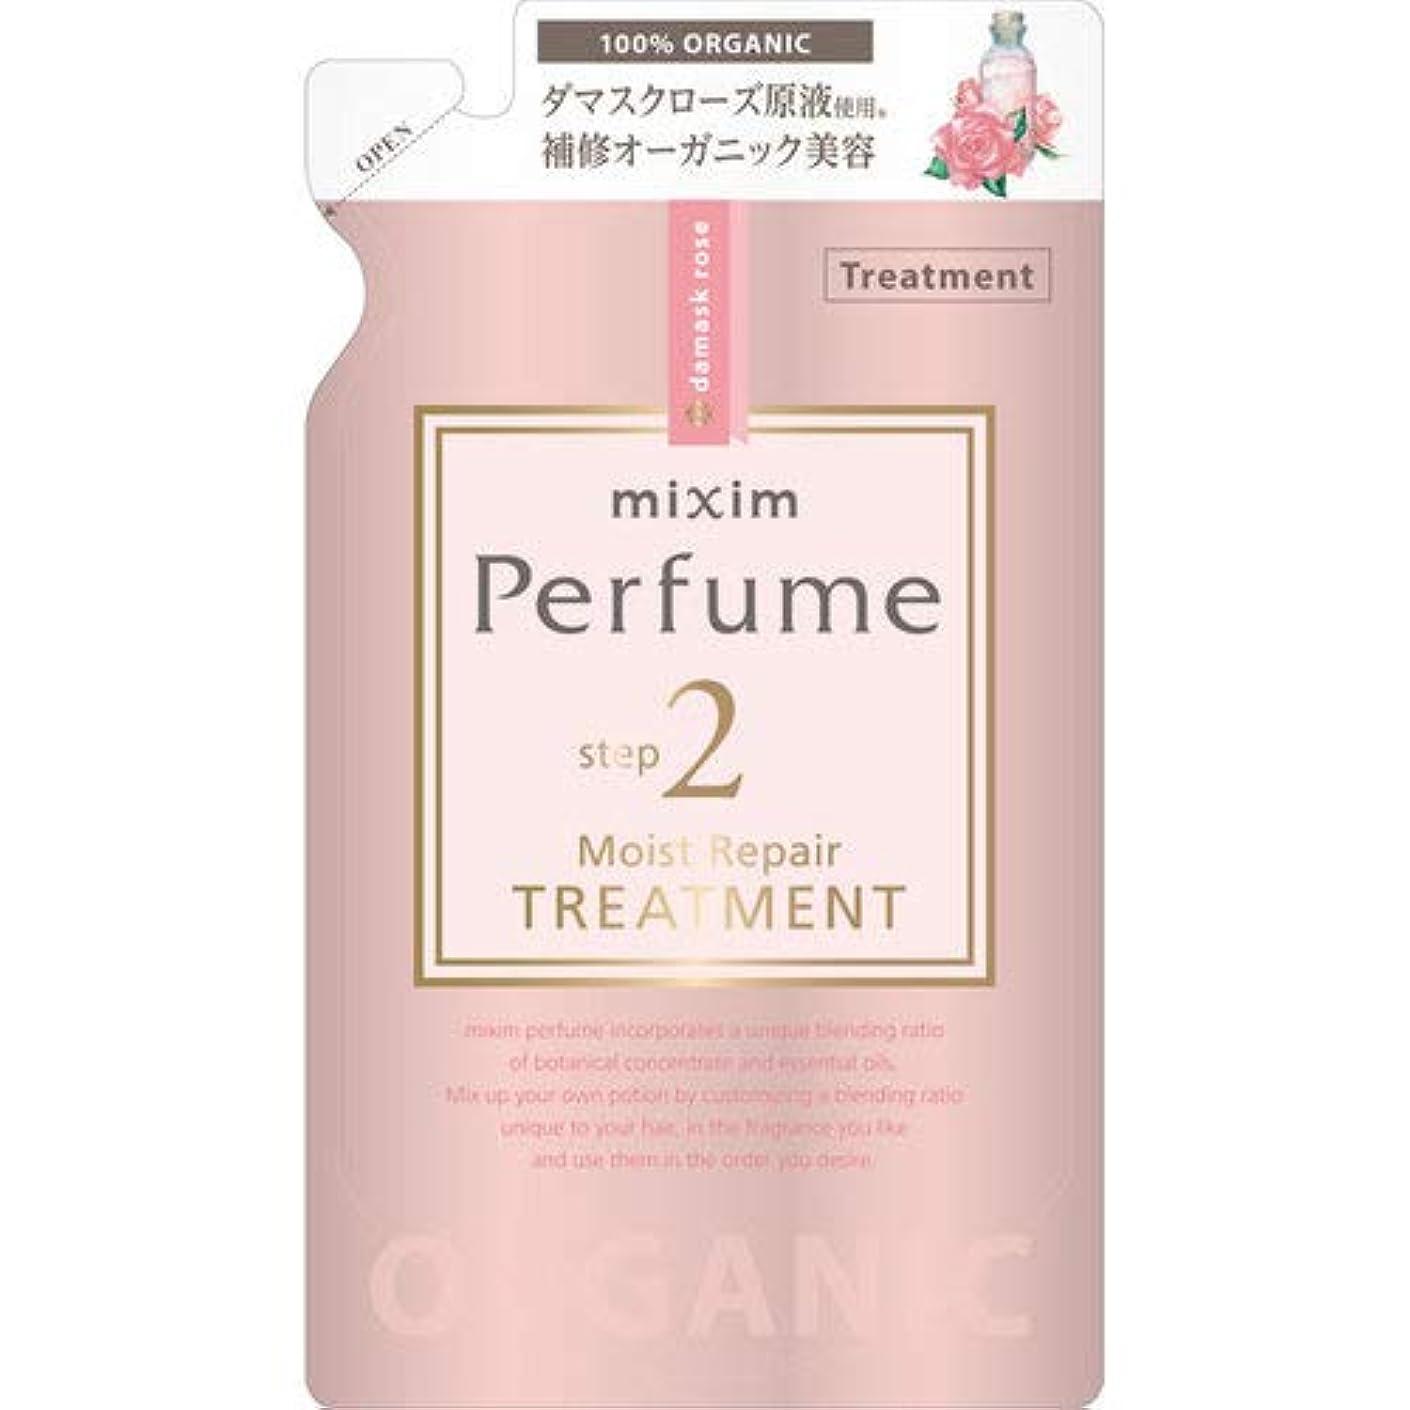 目覚めるだますマルコポーロmixim Perfume(ミクシムパフューム) モイストリペア ヘアトリートメントつめかえ用 350g